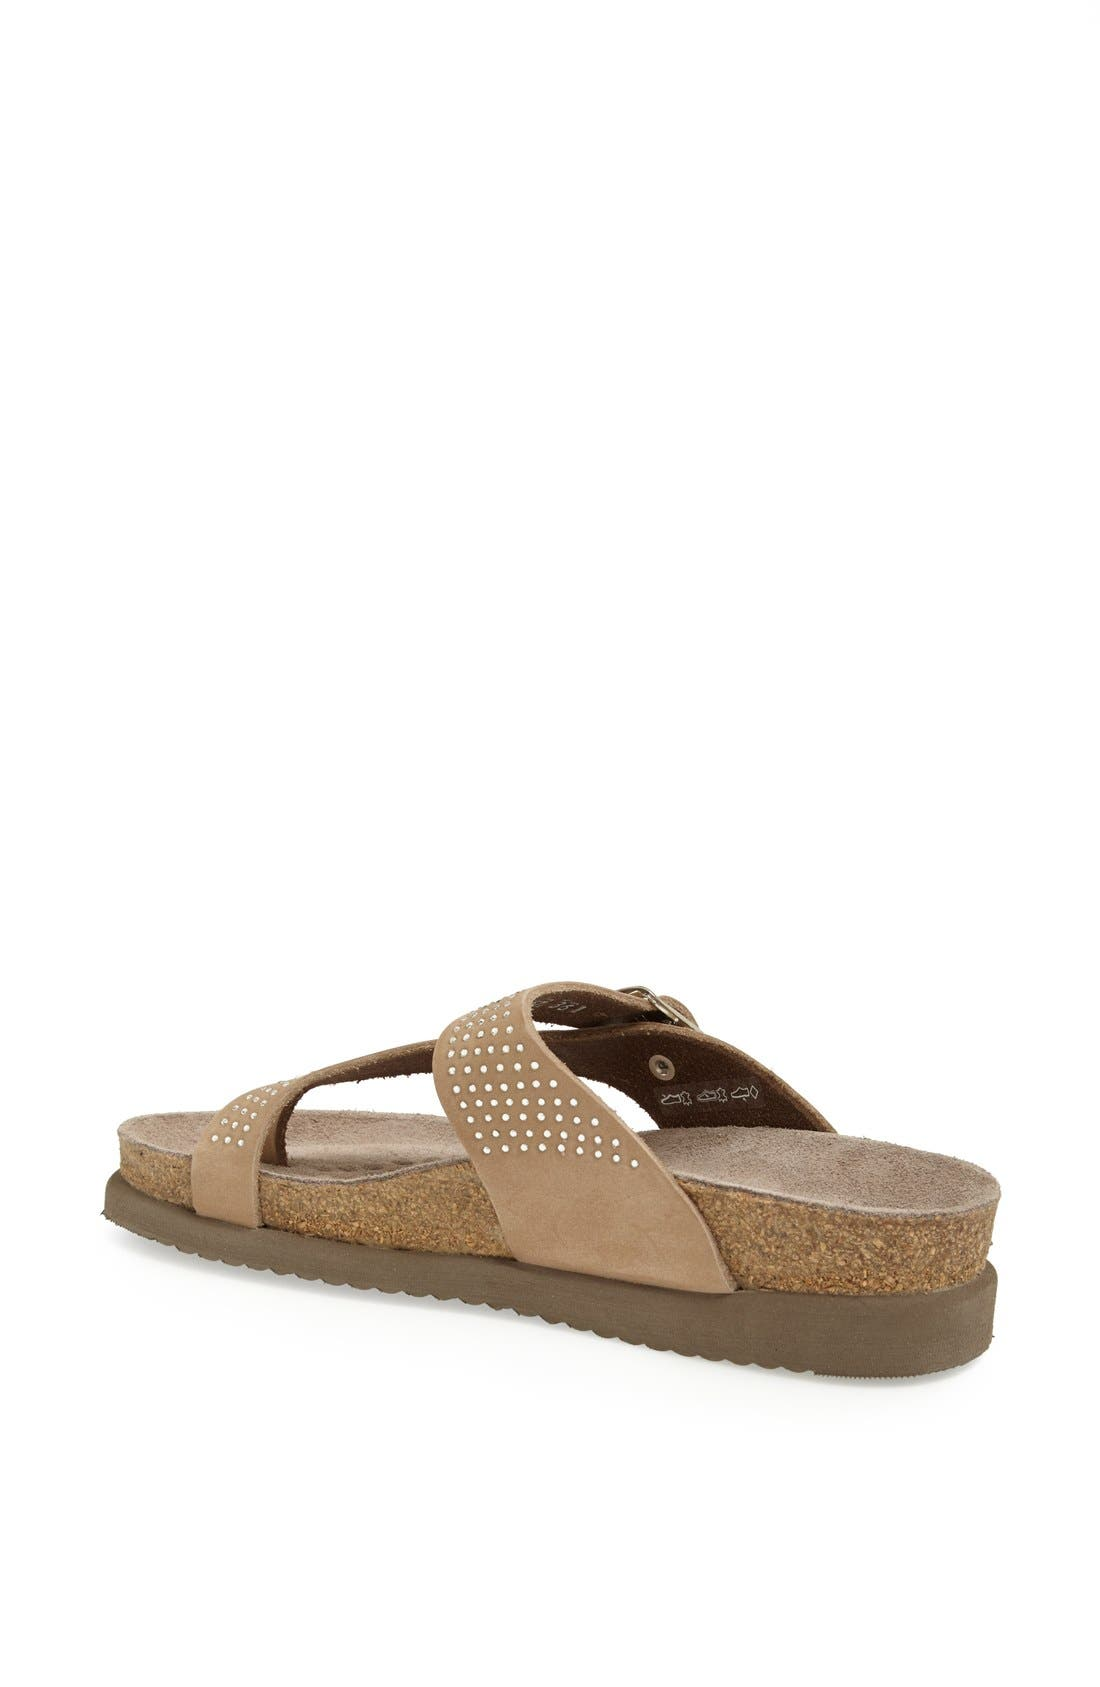 Alternate Image 2  - Mephisto 'Helen - Spark' Leather Sandal